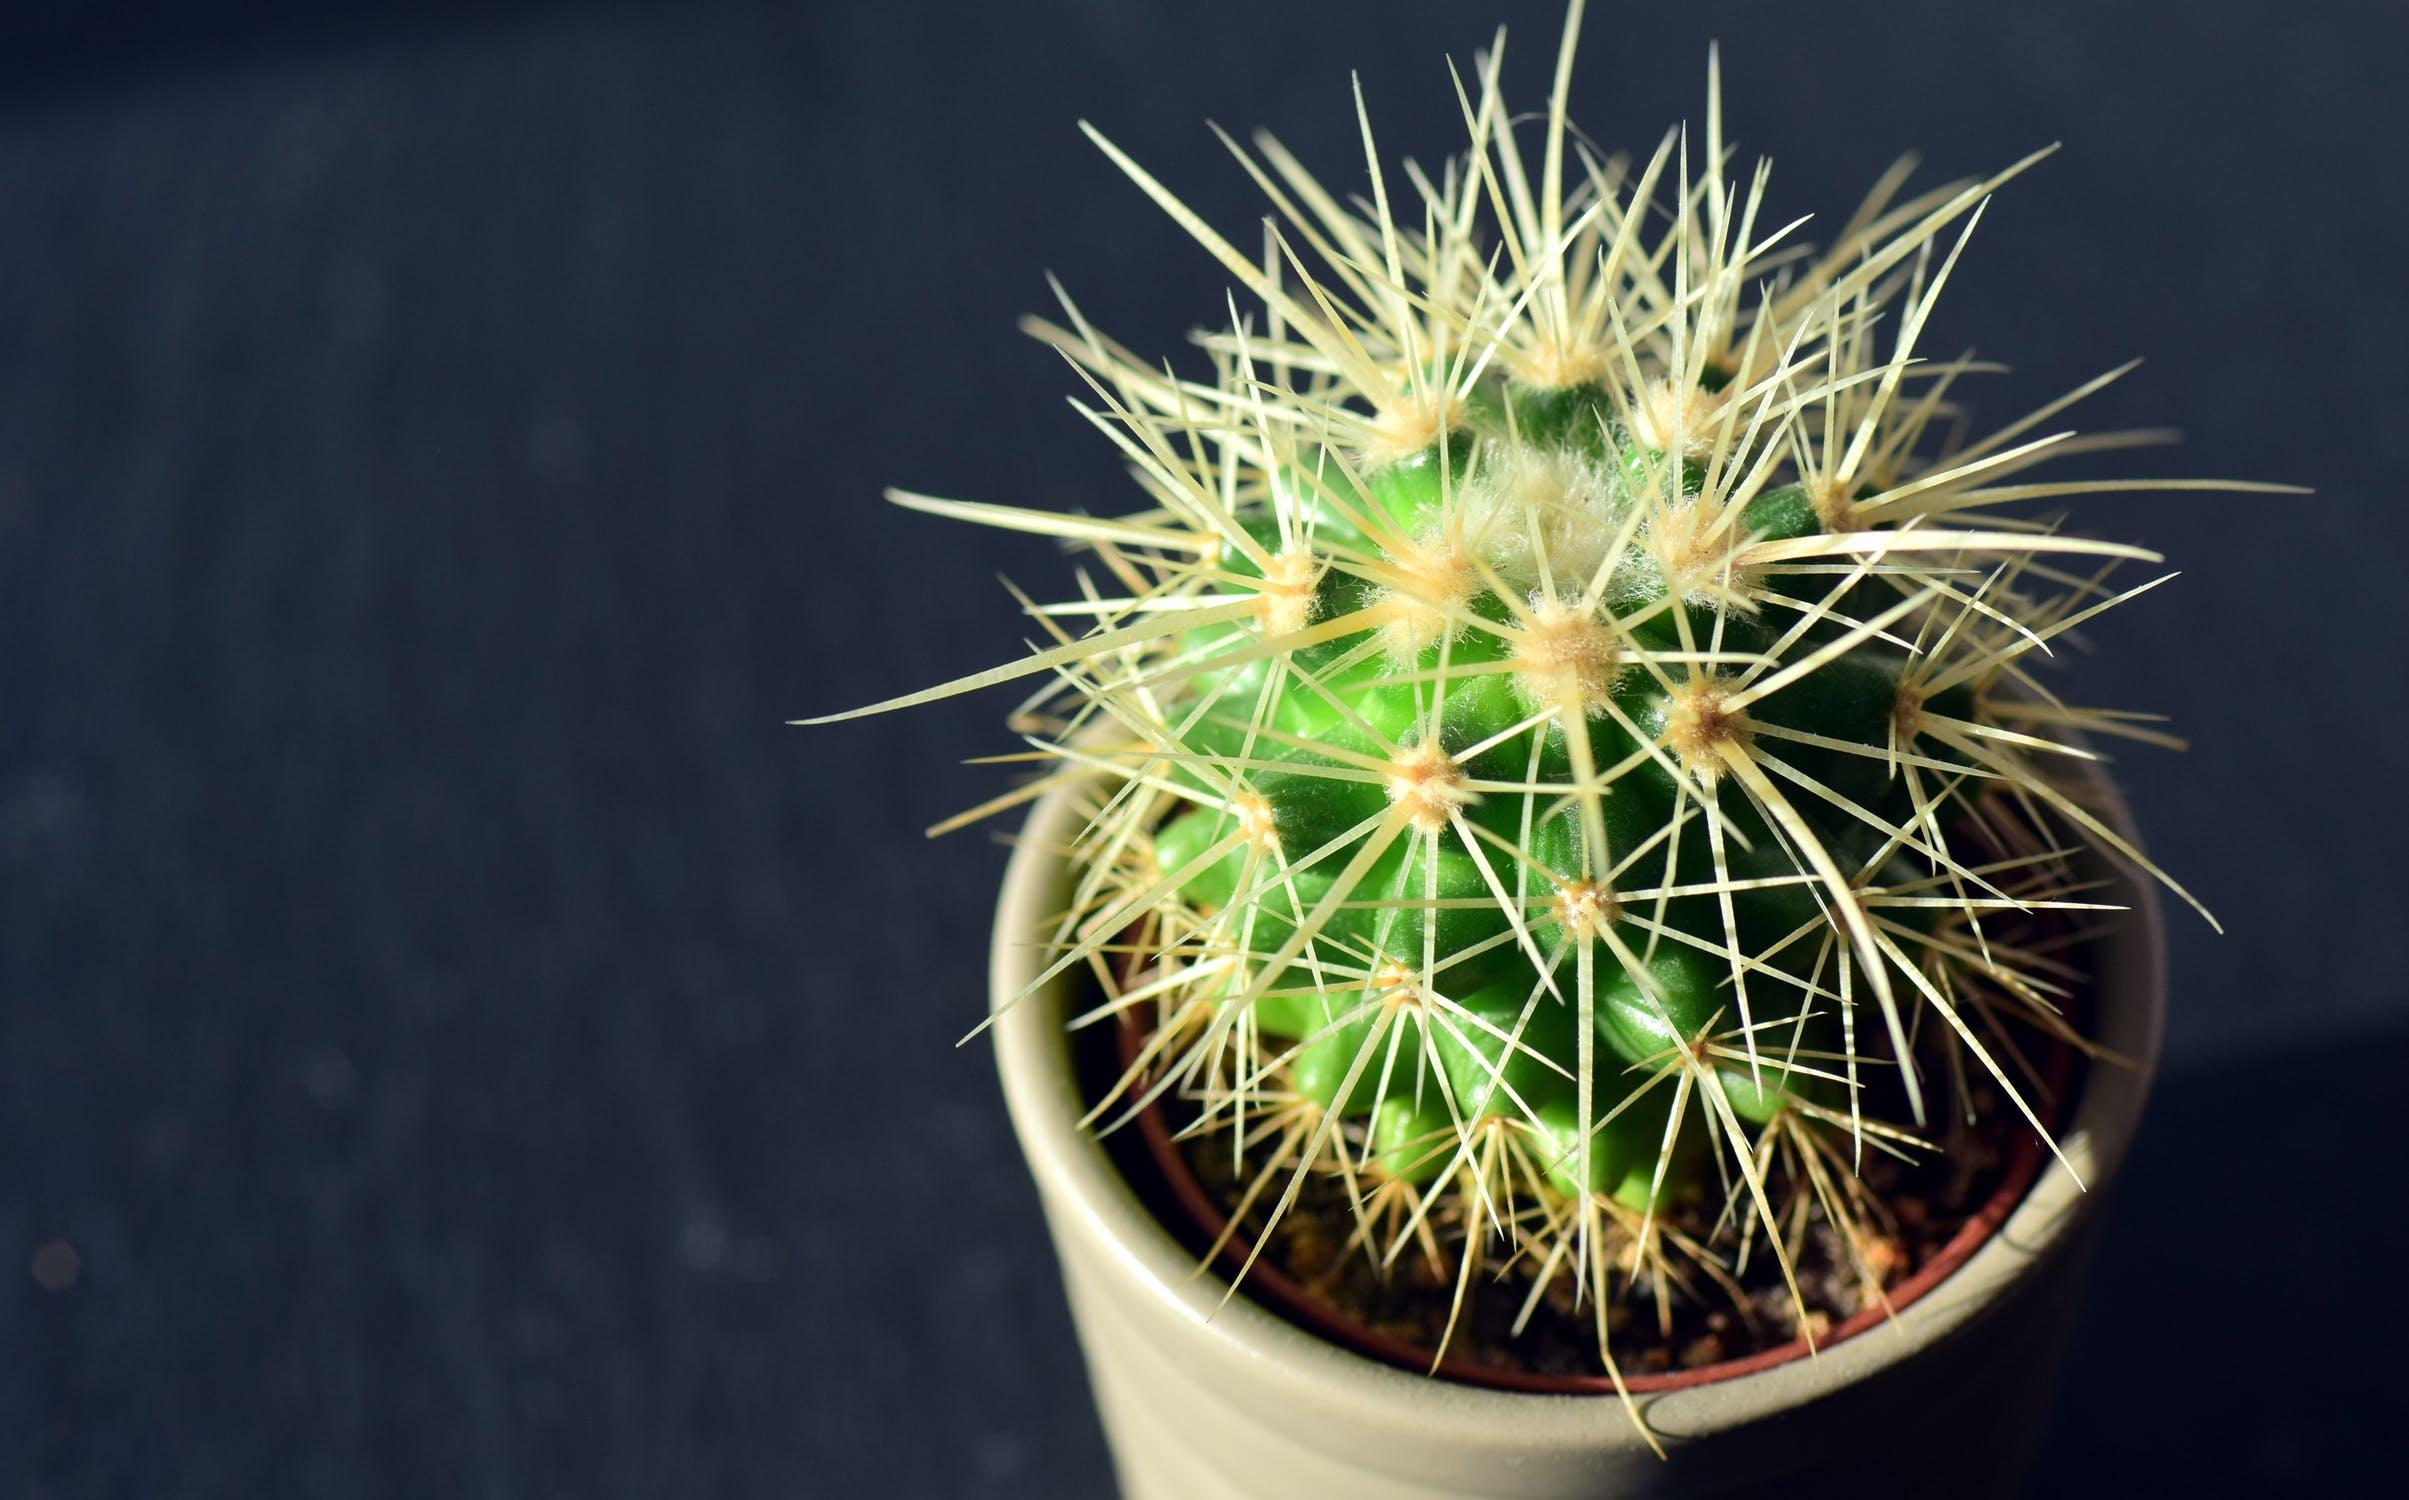 - Cactus